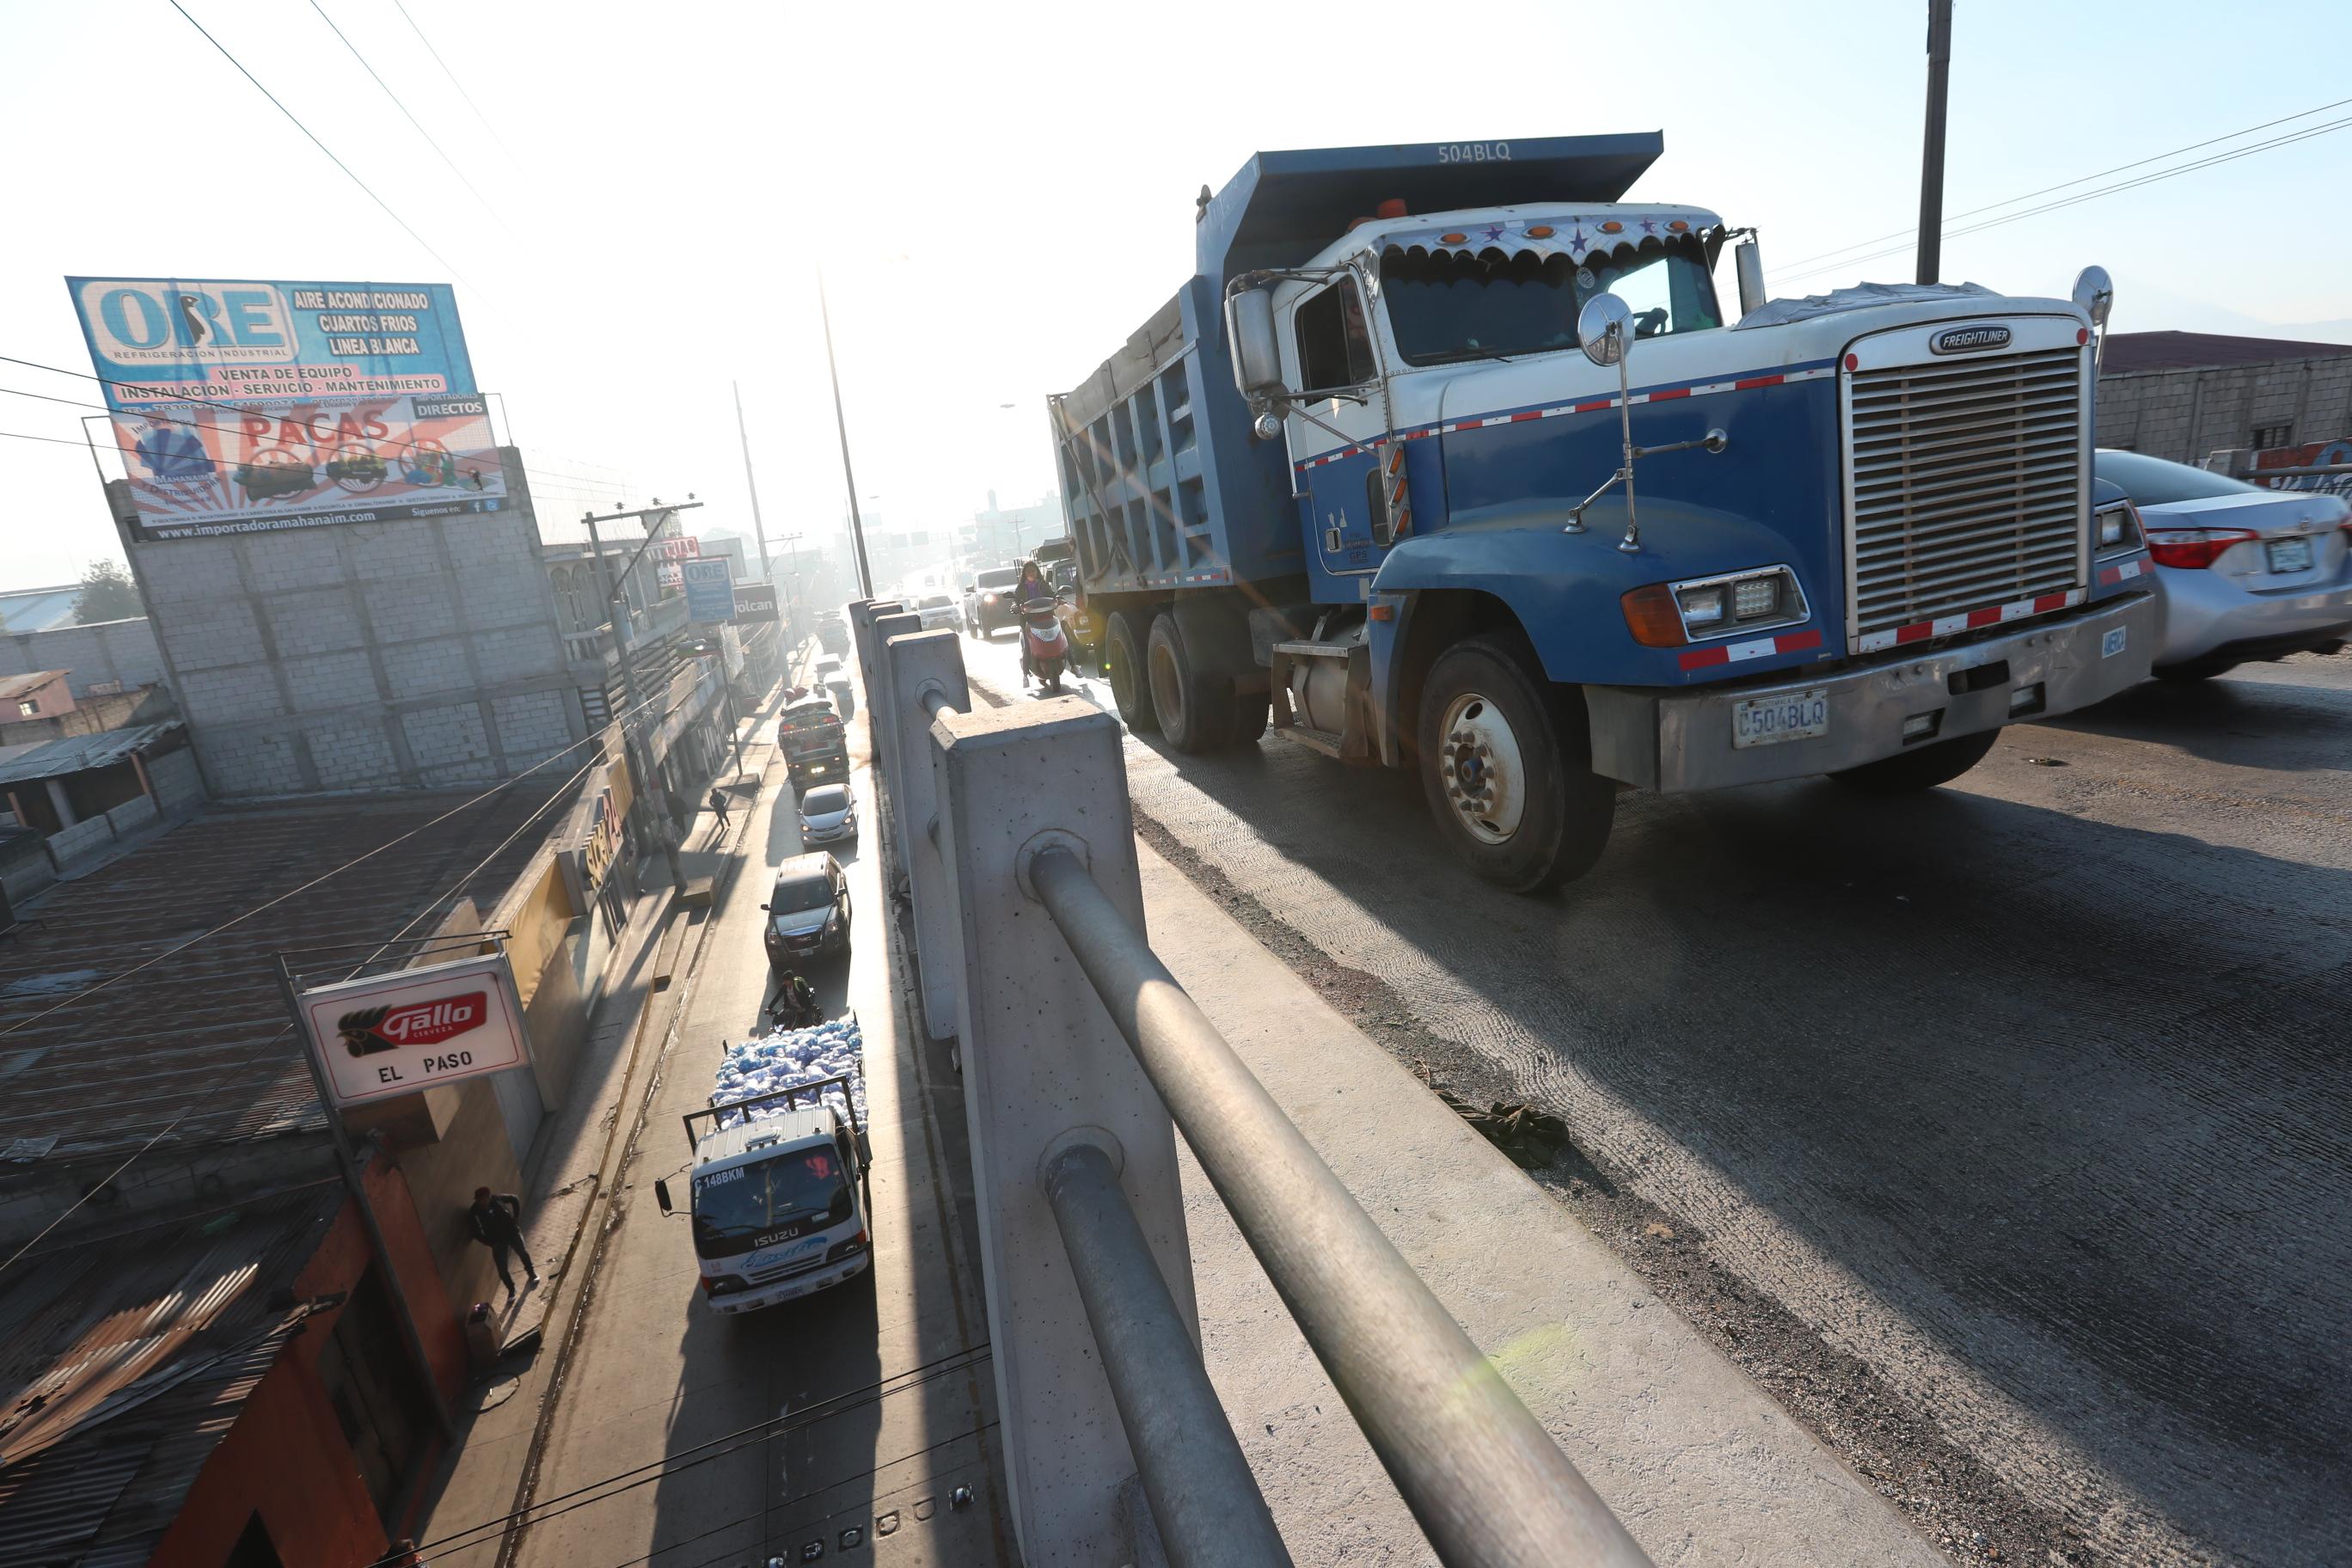 Lagar filas de vehículos se forman en Chimaltenango, donde vecinos y automovilistas exigen la conclusión del Libramiento de Chimaltenango. (Foto Prensa Libre: César Pérez Marroquín)